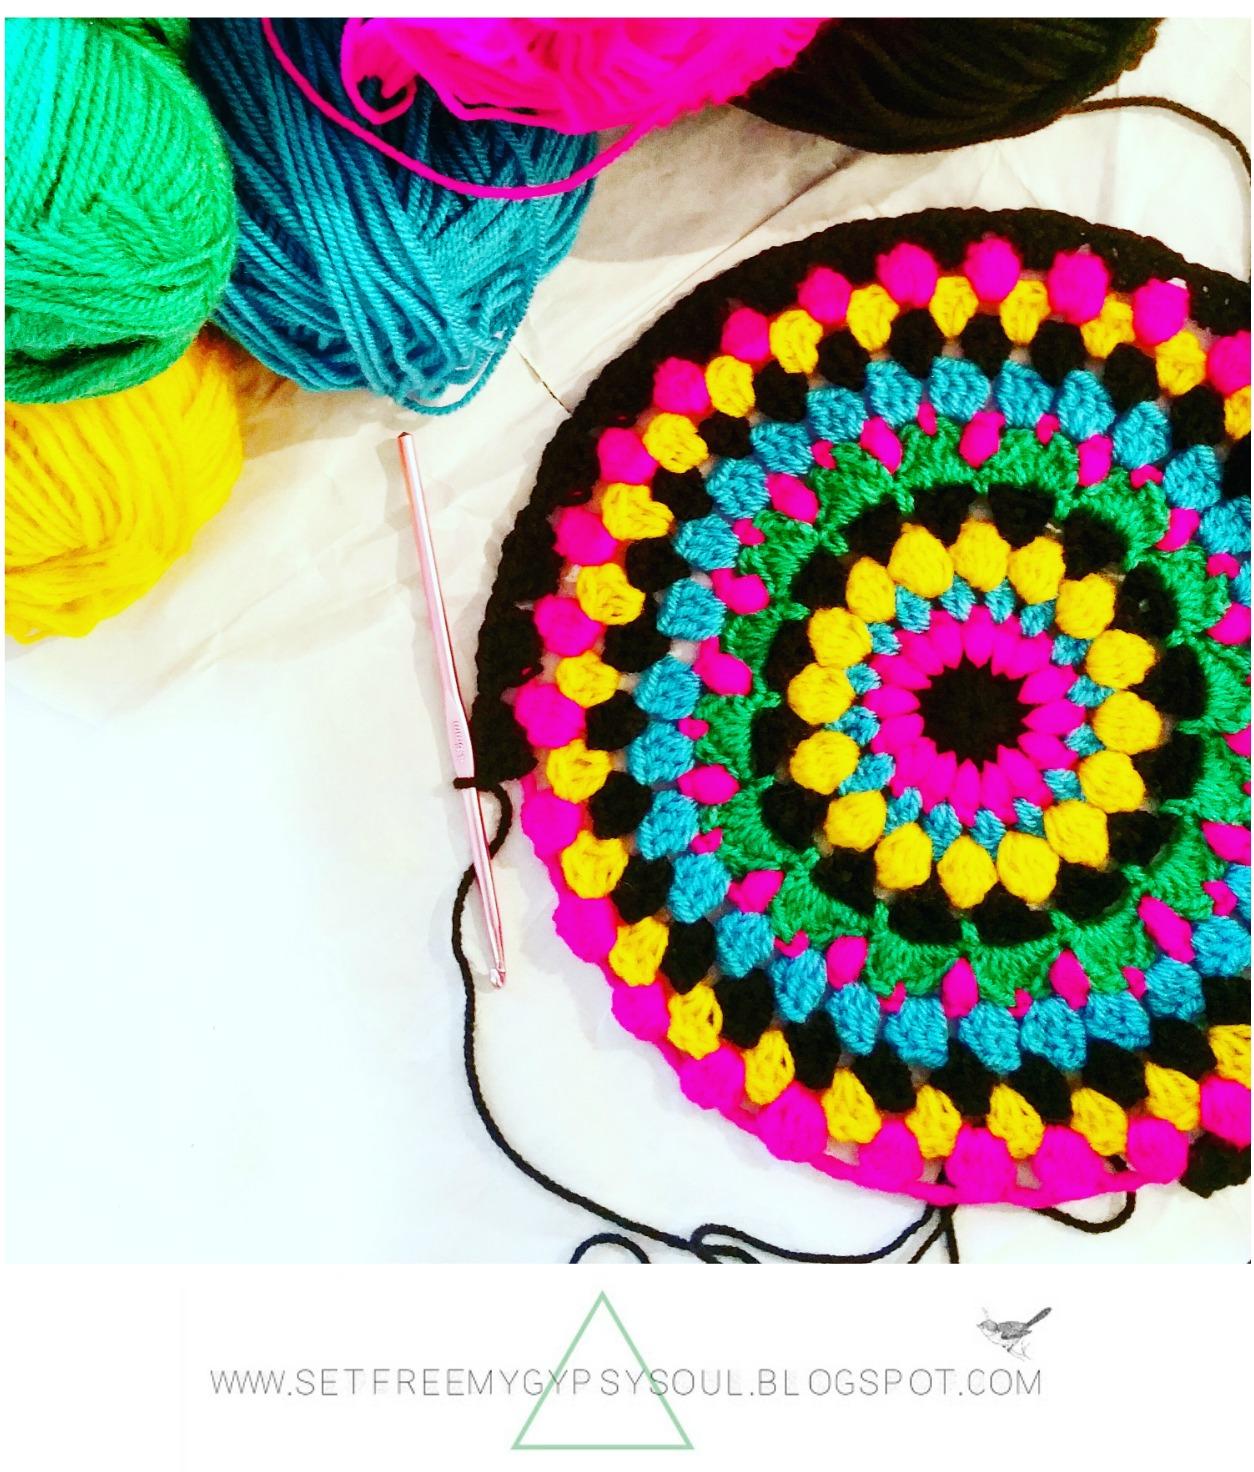 Set Free My Gypsy Soul A Crochet Craft Blog Floral Folk Art